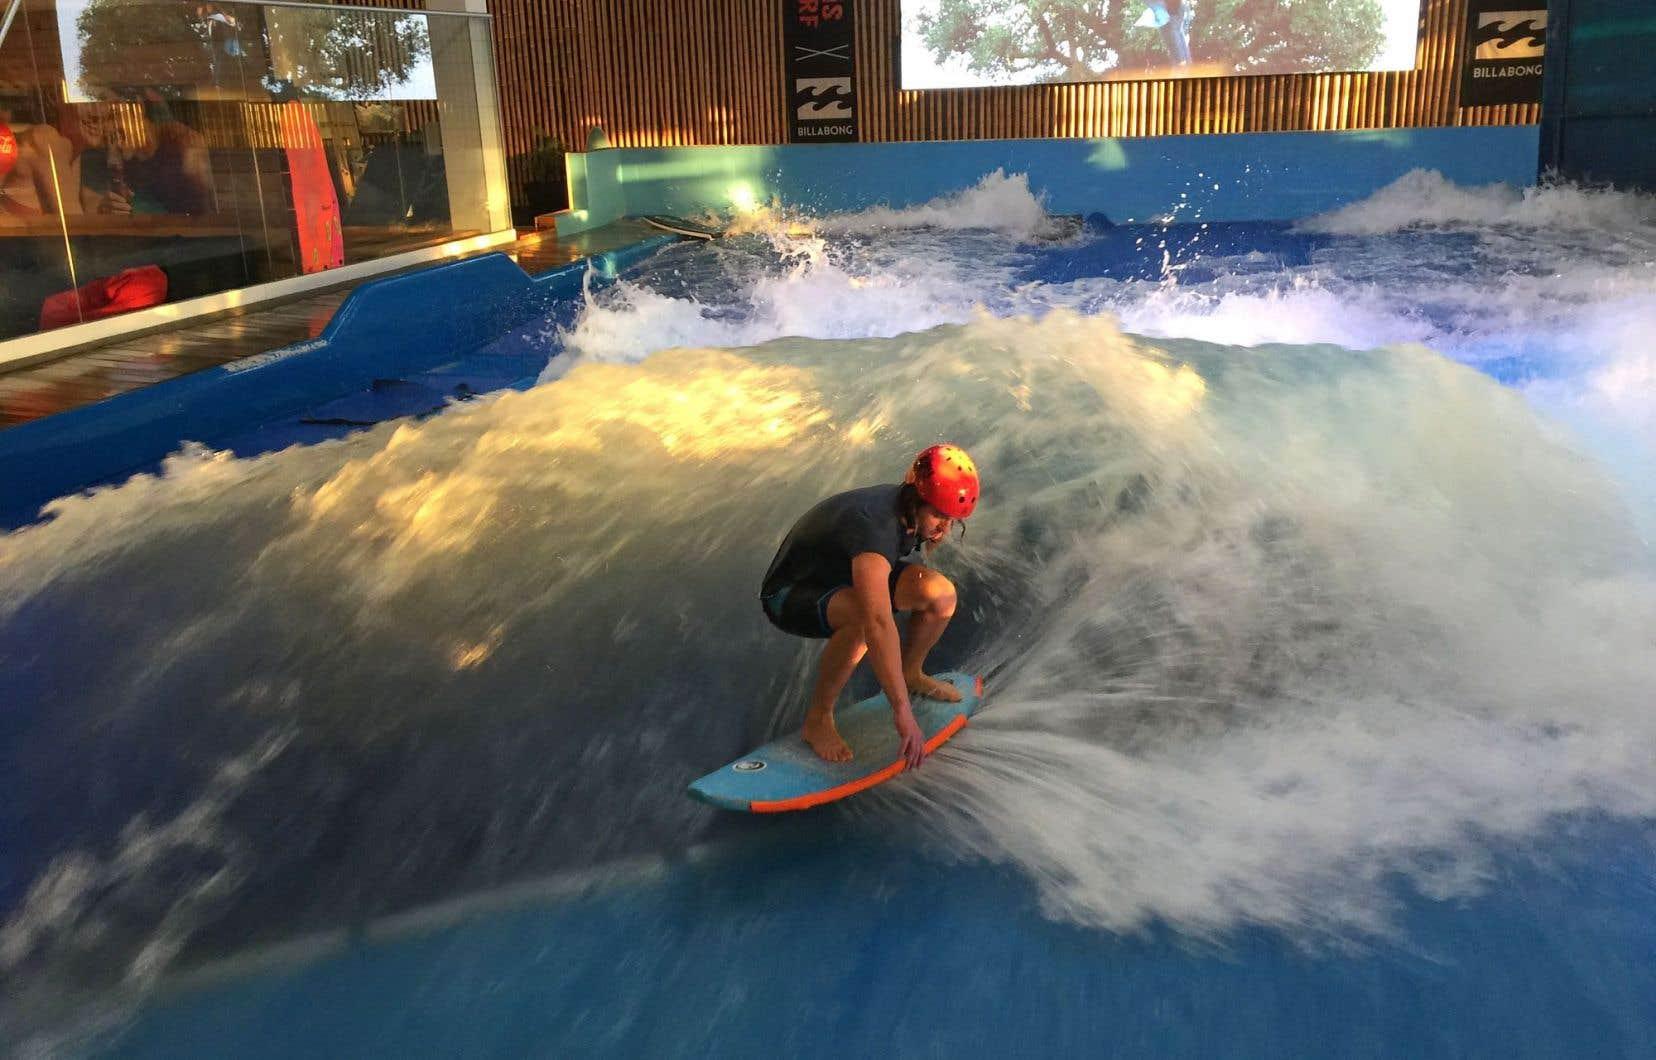 Les jeudis et dimanches soir à l'Oasis Surf de Brossard, la vague est réservée aux plus avancés. Dans la déferlante qui atteint un peu plus de 1,2 mètre, les habitués travaillent «ollies», minitube et 360 degrés.